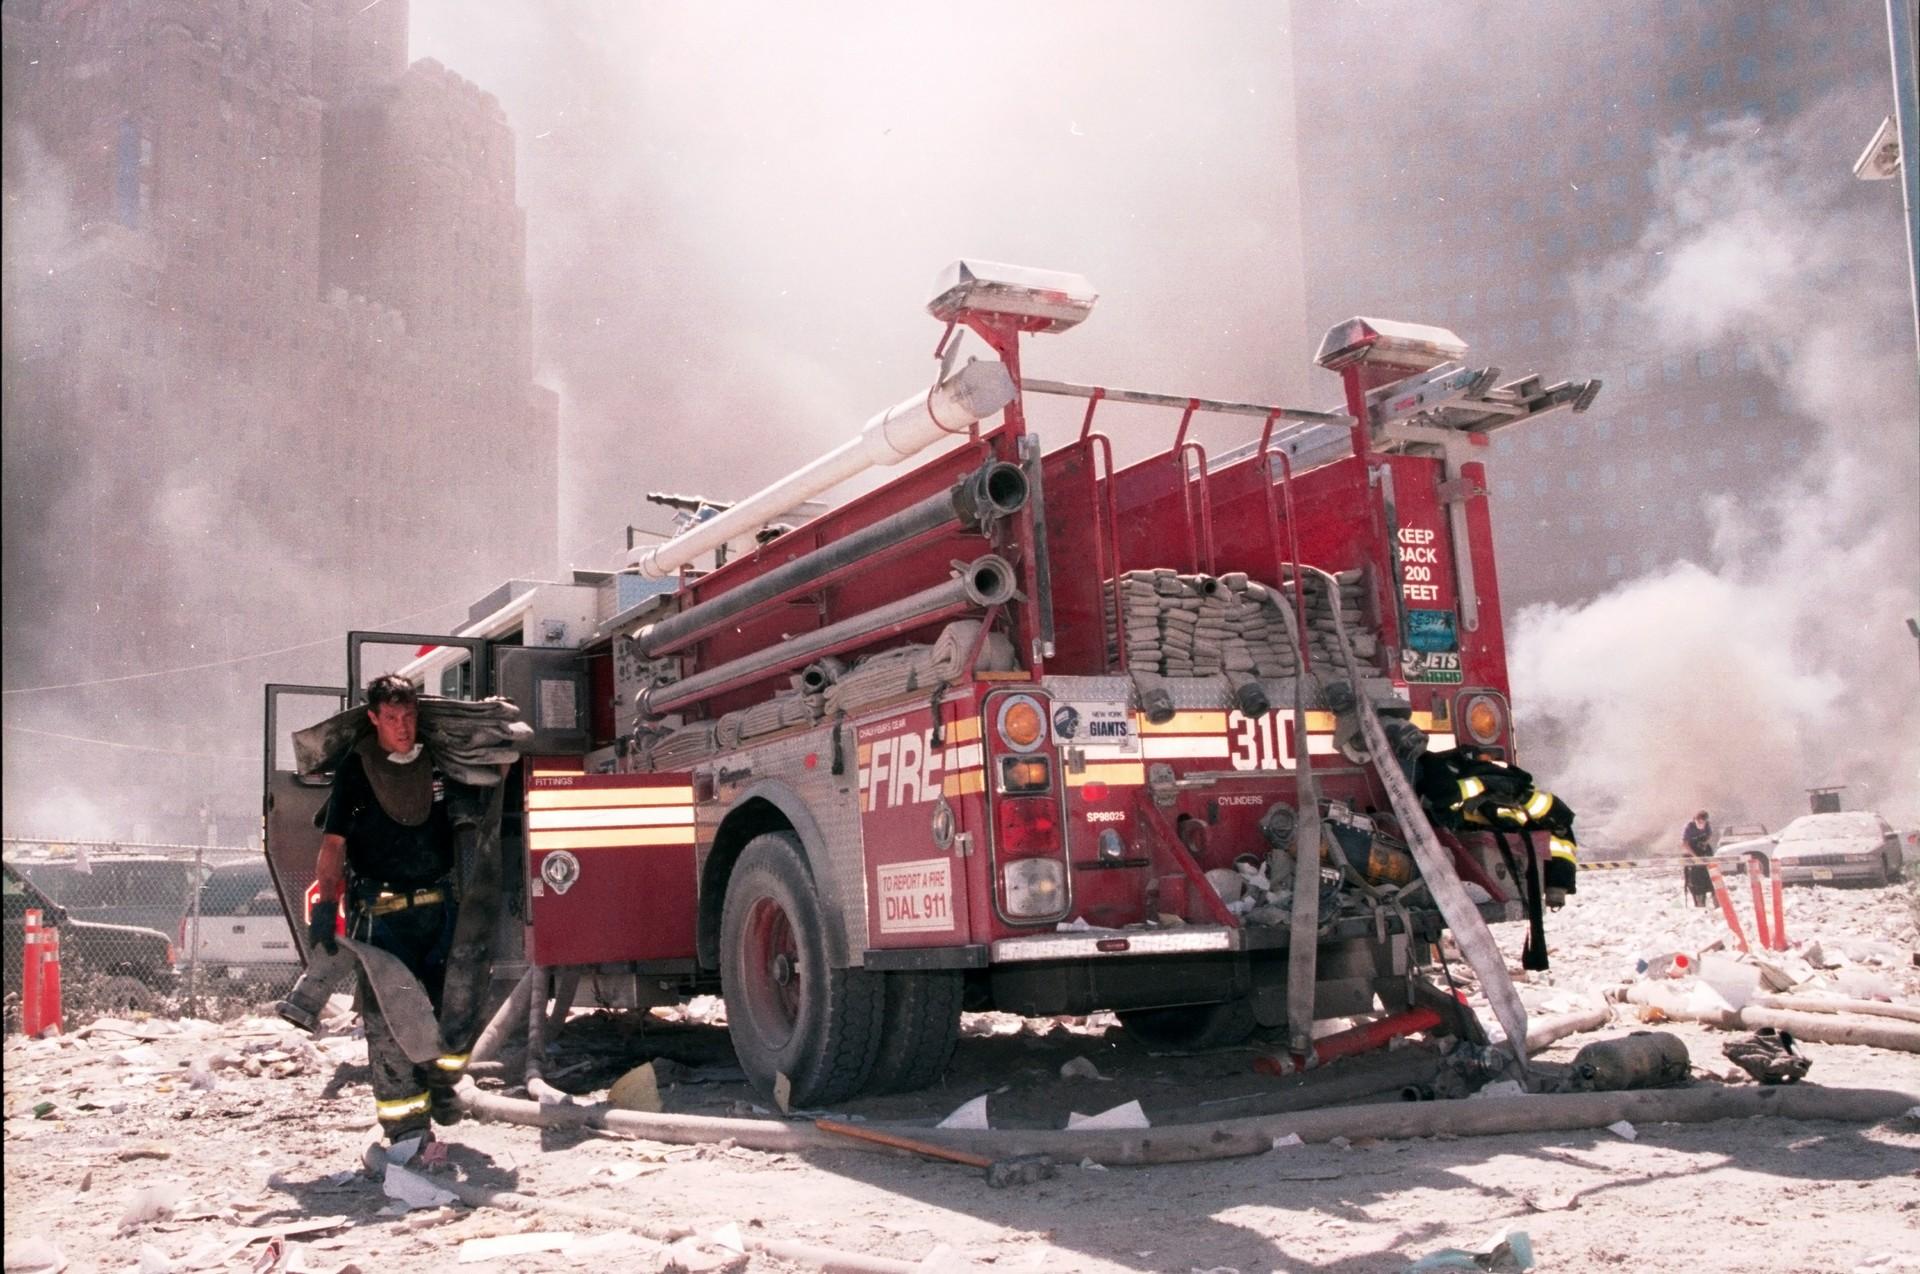 Avoir été exposé aux fumées et débris volatiles de la chute des tours du World Trade Center le 11 septembre 2001 est à l'origine de nombreuses